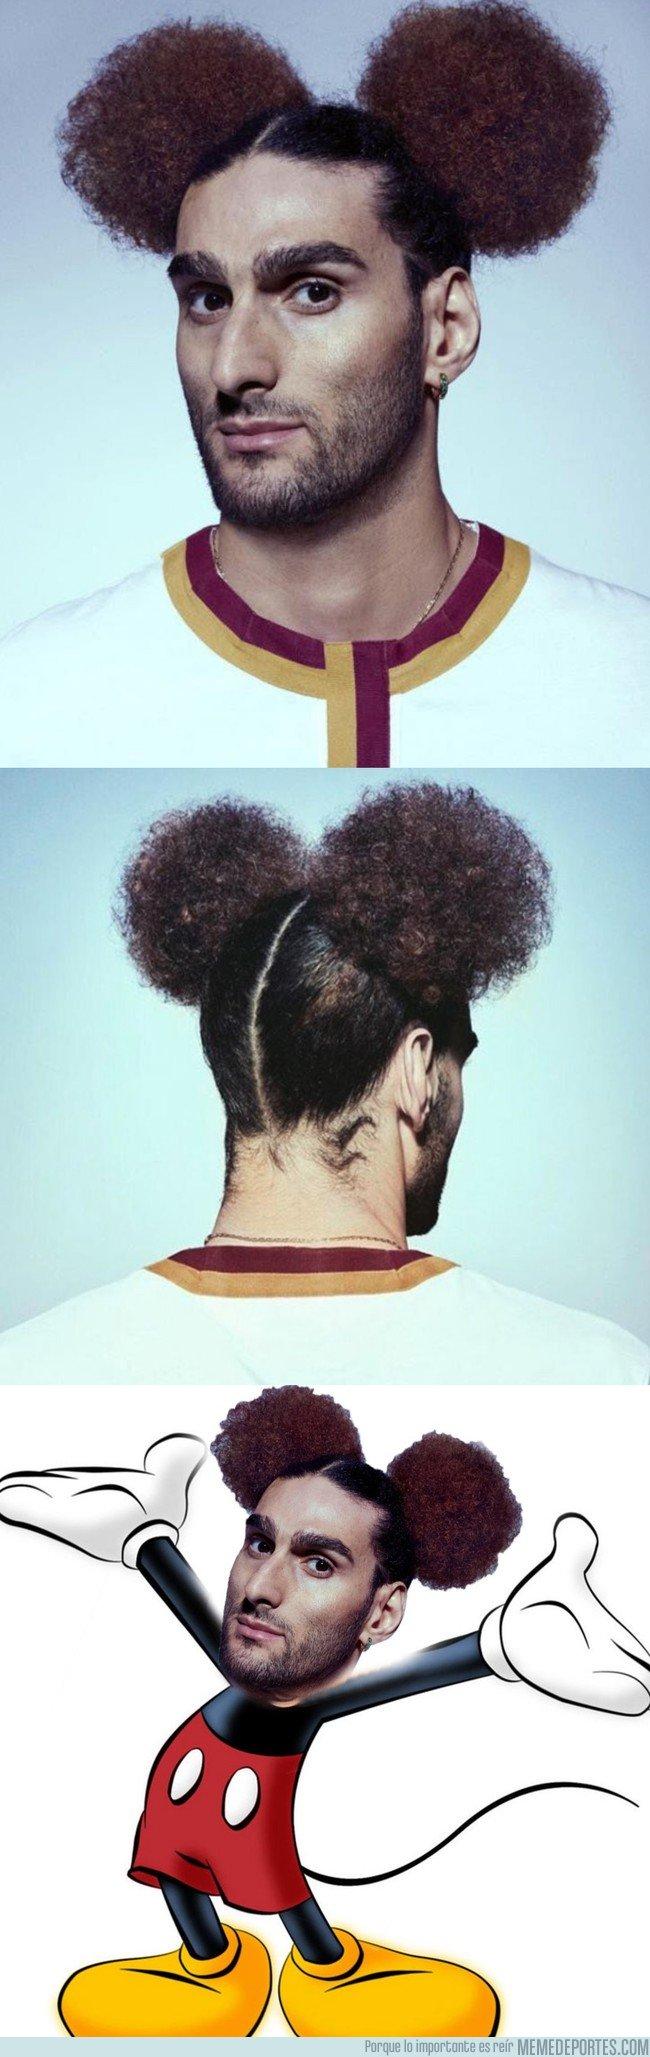 1025348 - El nuevo peinado de Fellaini inspirado en Mickey Mouse